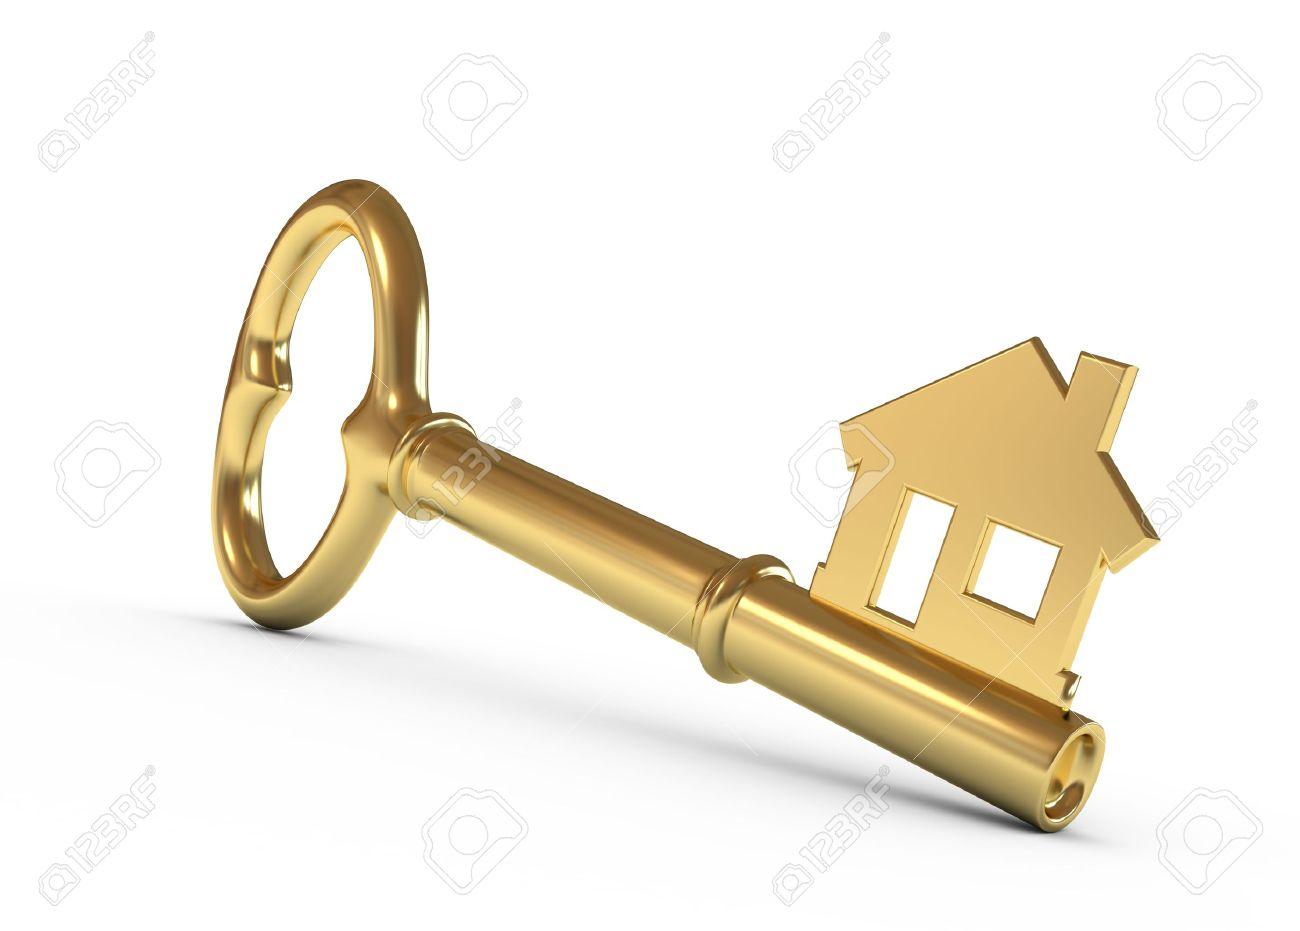 gold house key. Gold House Key Isolated On White. 3d Illustration. Stock Illustration - 9865213